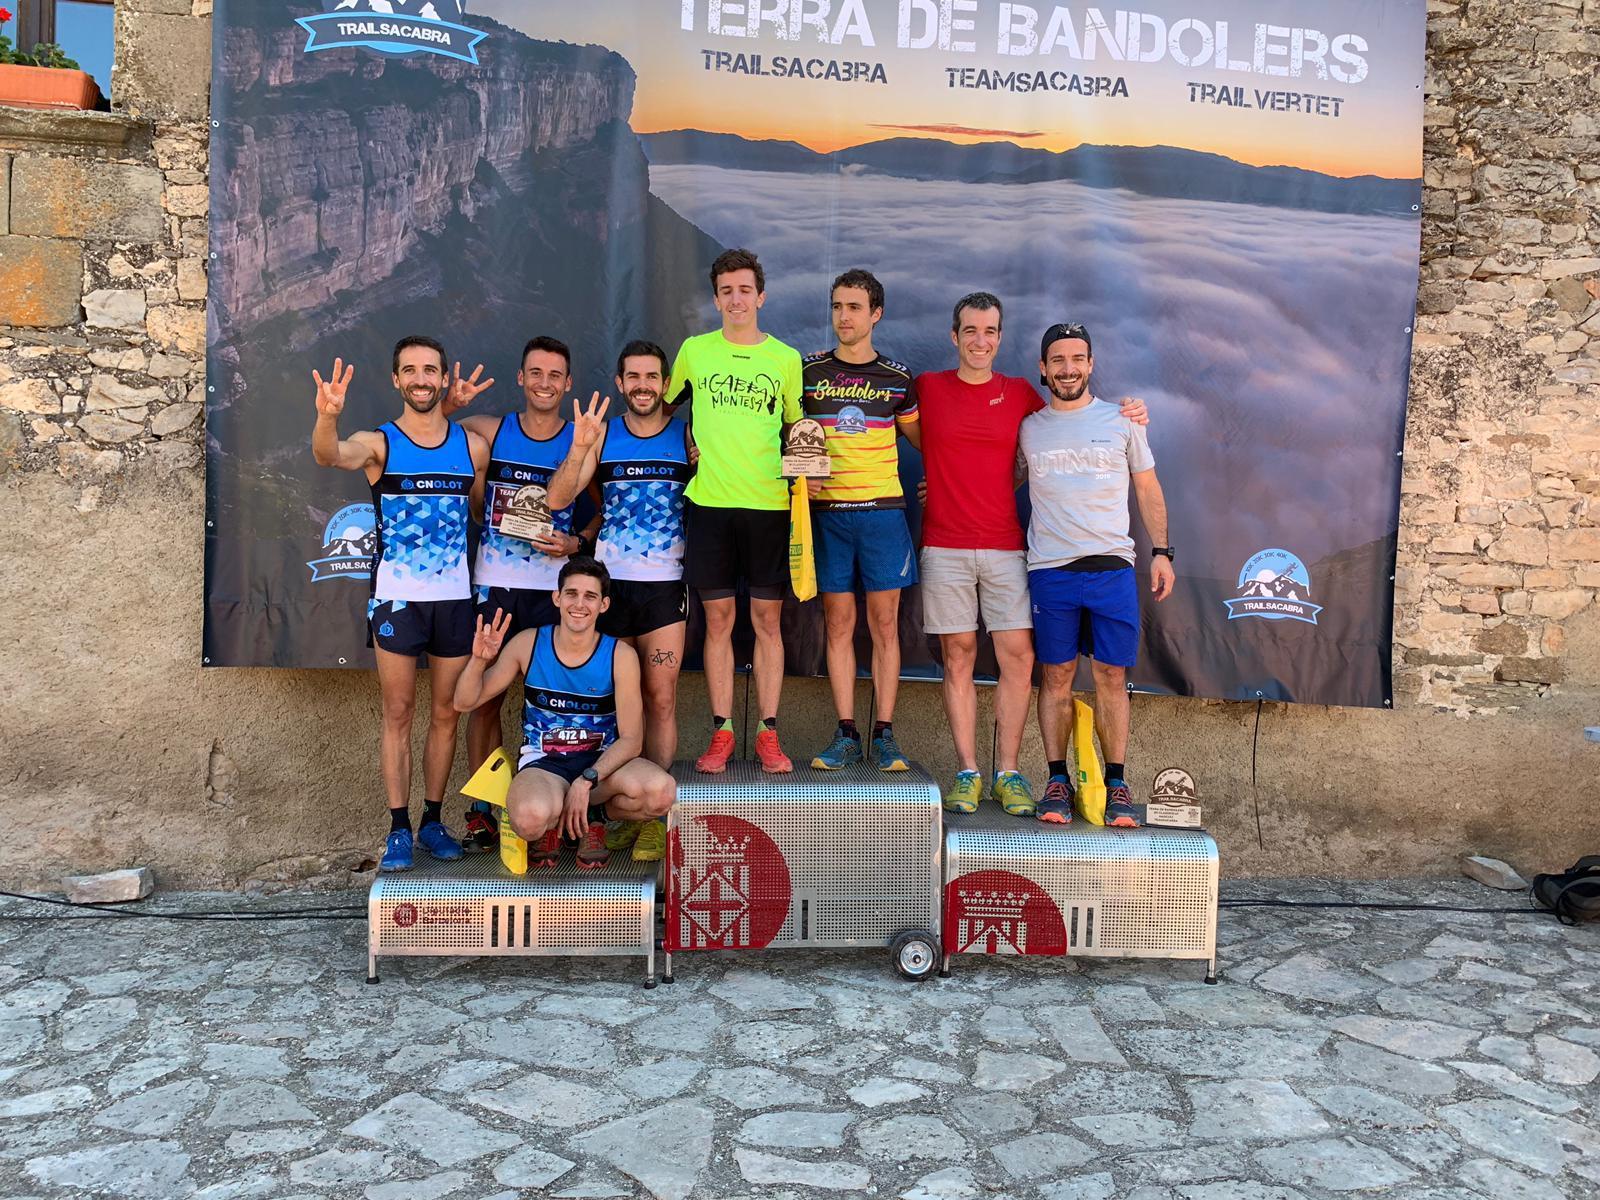 Marc Vilamanya, Albert Alquezar, Miquel Campderrich i Joel Vila fent podi durant la Trailsacabra 2019